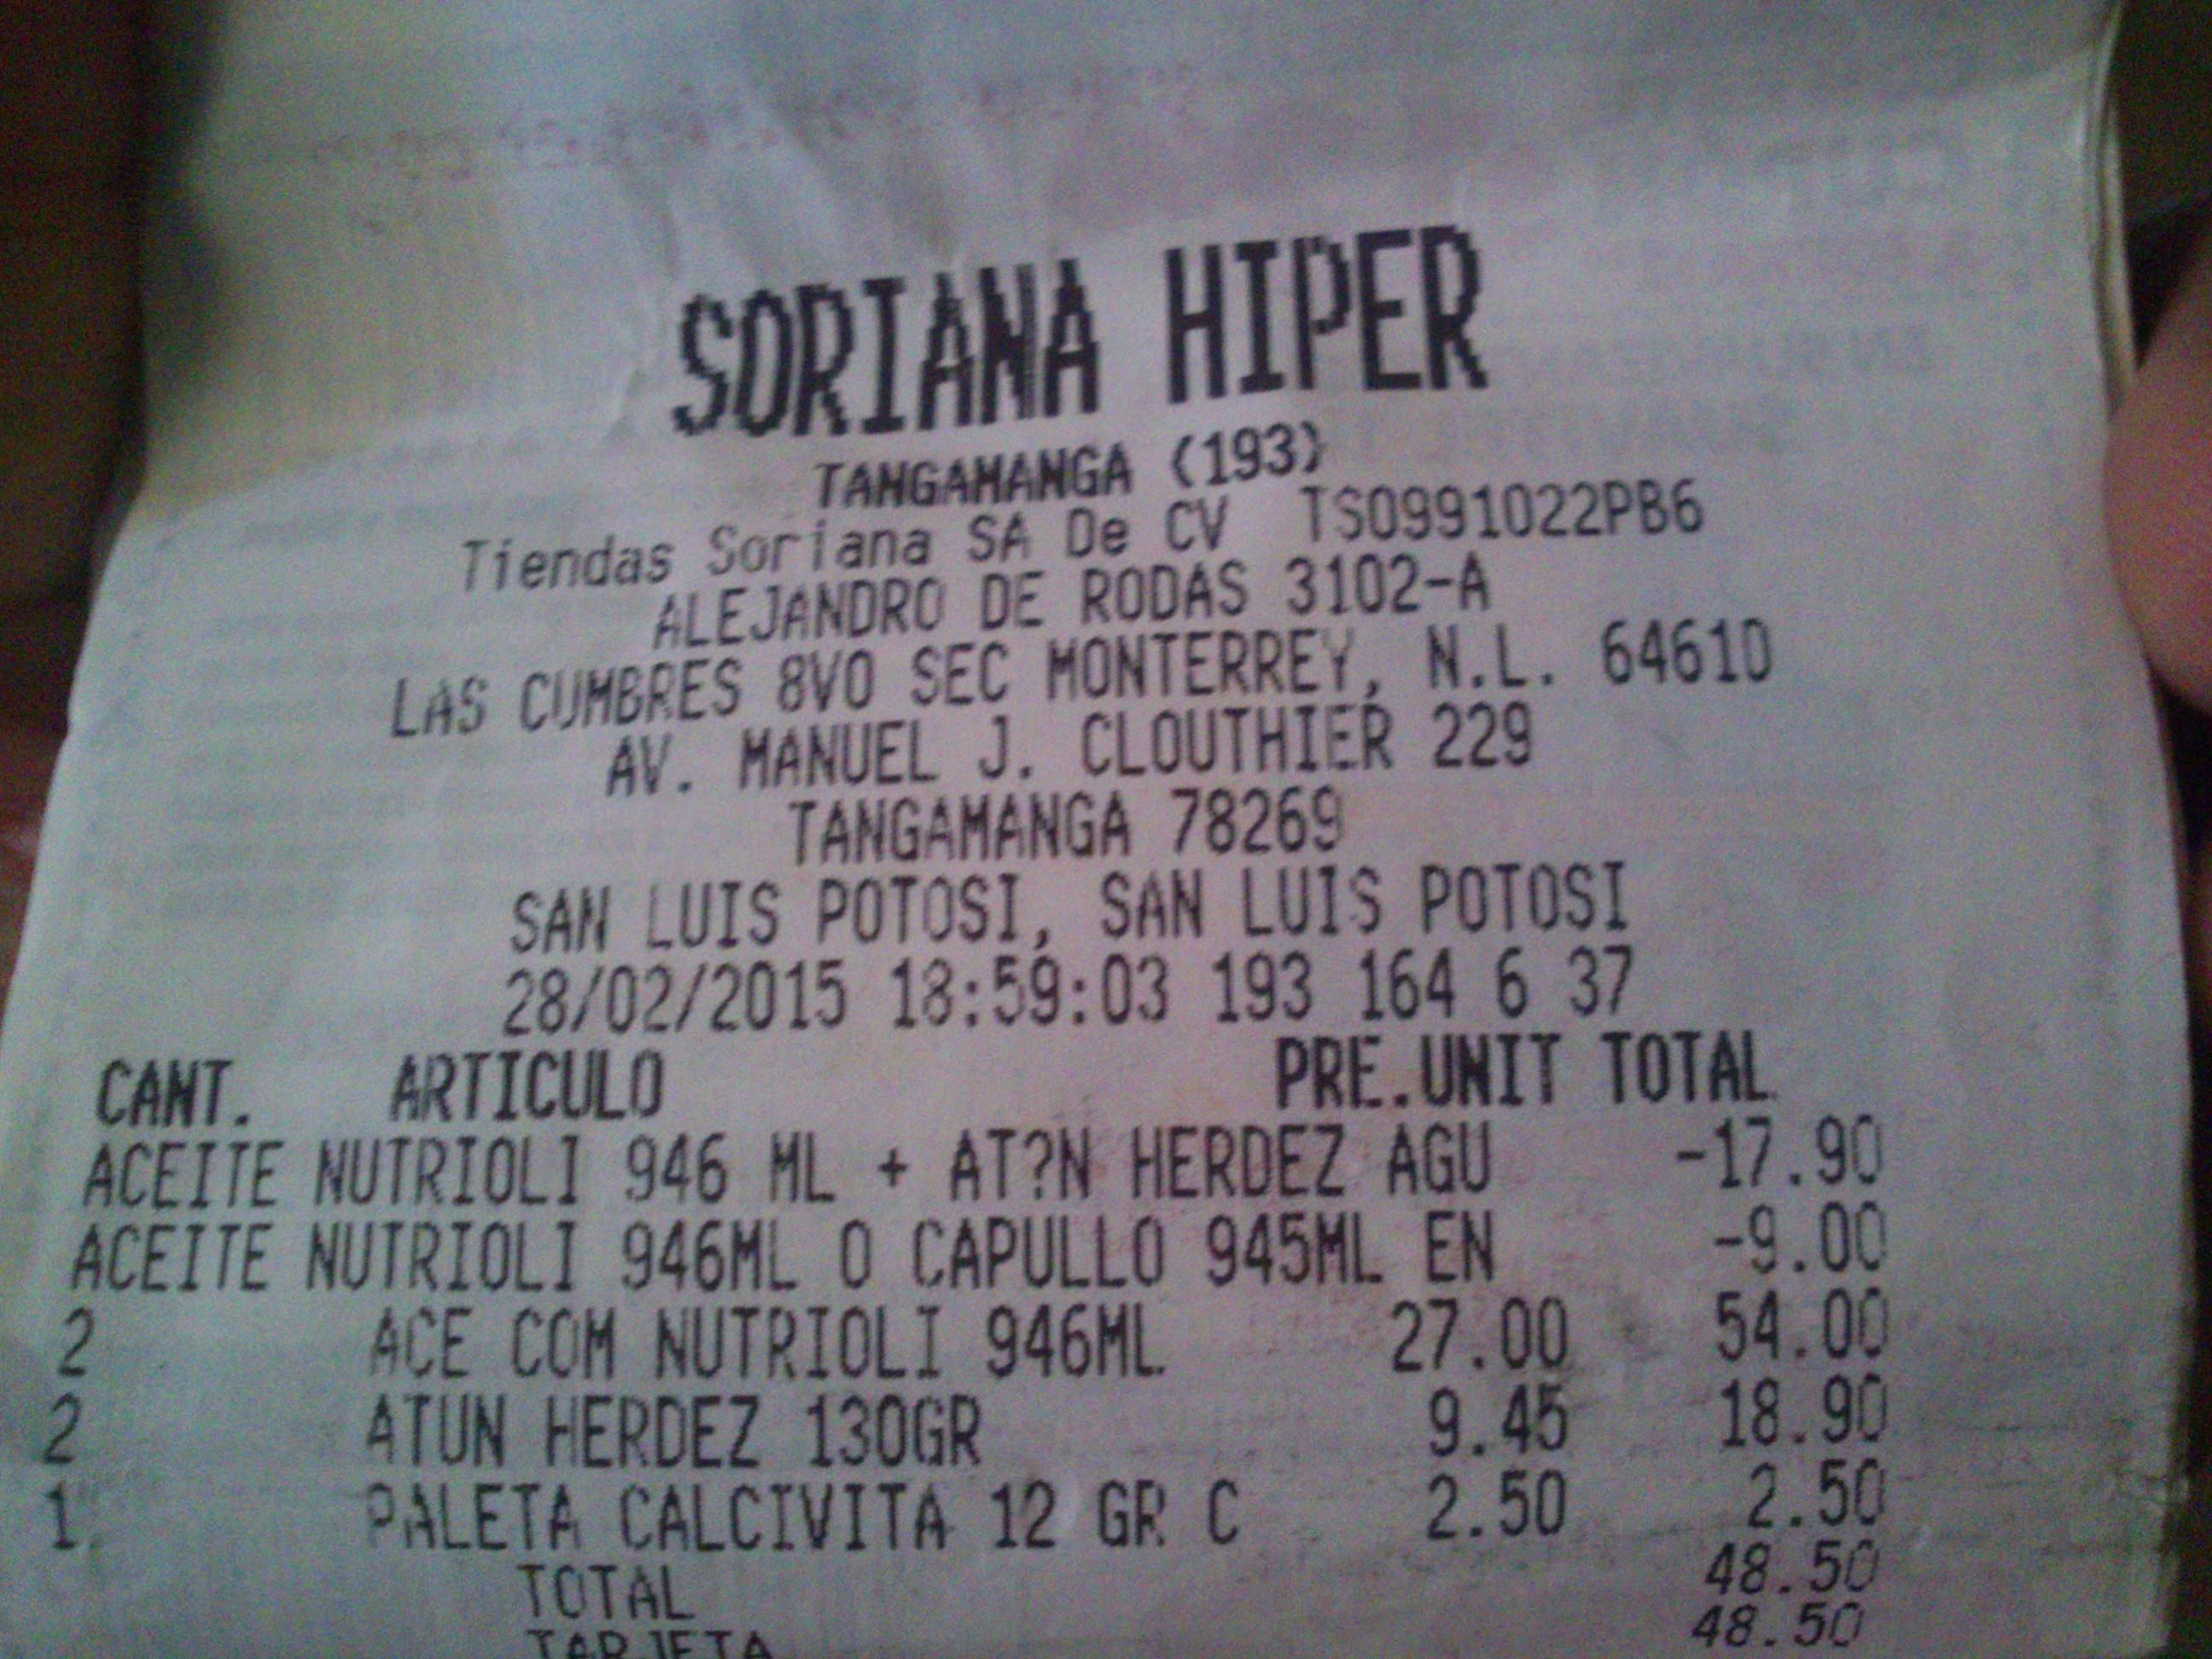 Soriana Hiper :::TAMBIÉN ESTE FIN DE SEMANA::: Dos aceites Nutrioli 946ml y dos latas atún Herdez 130gr por $45